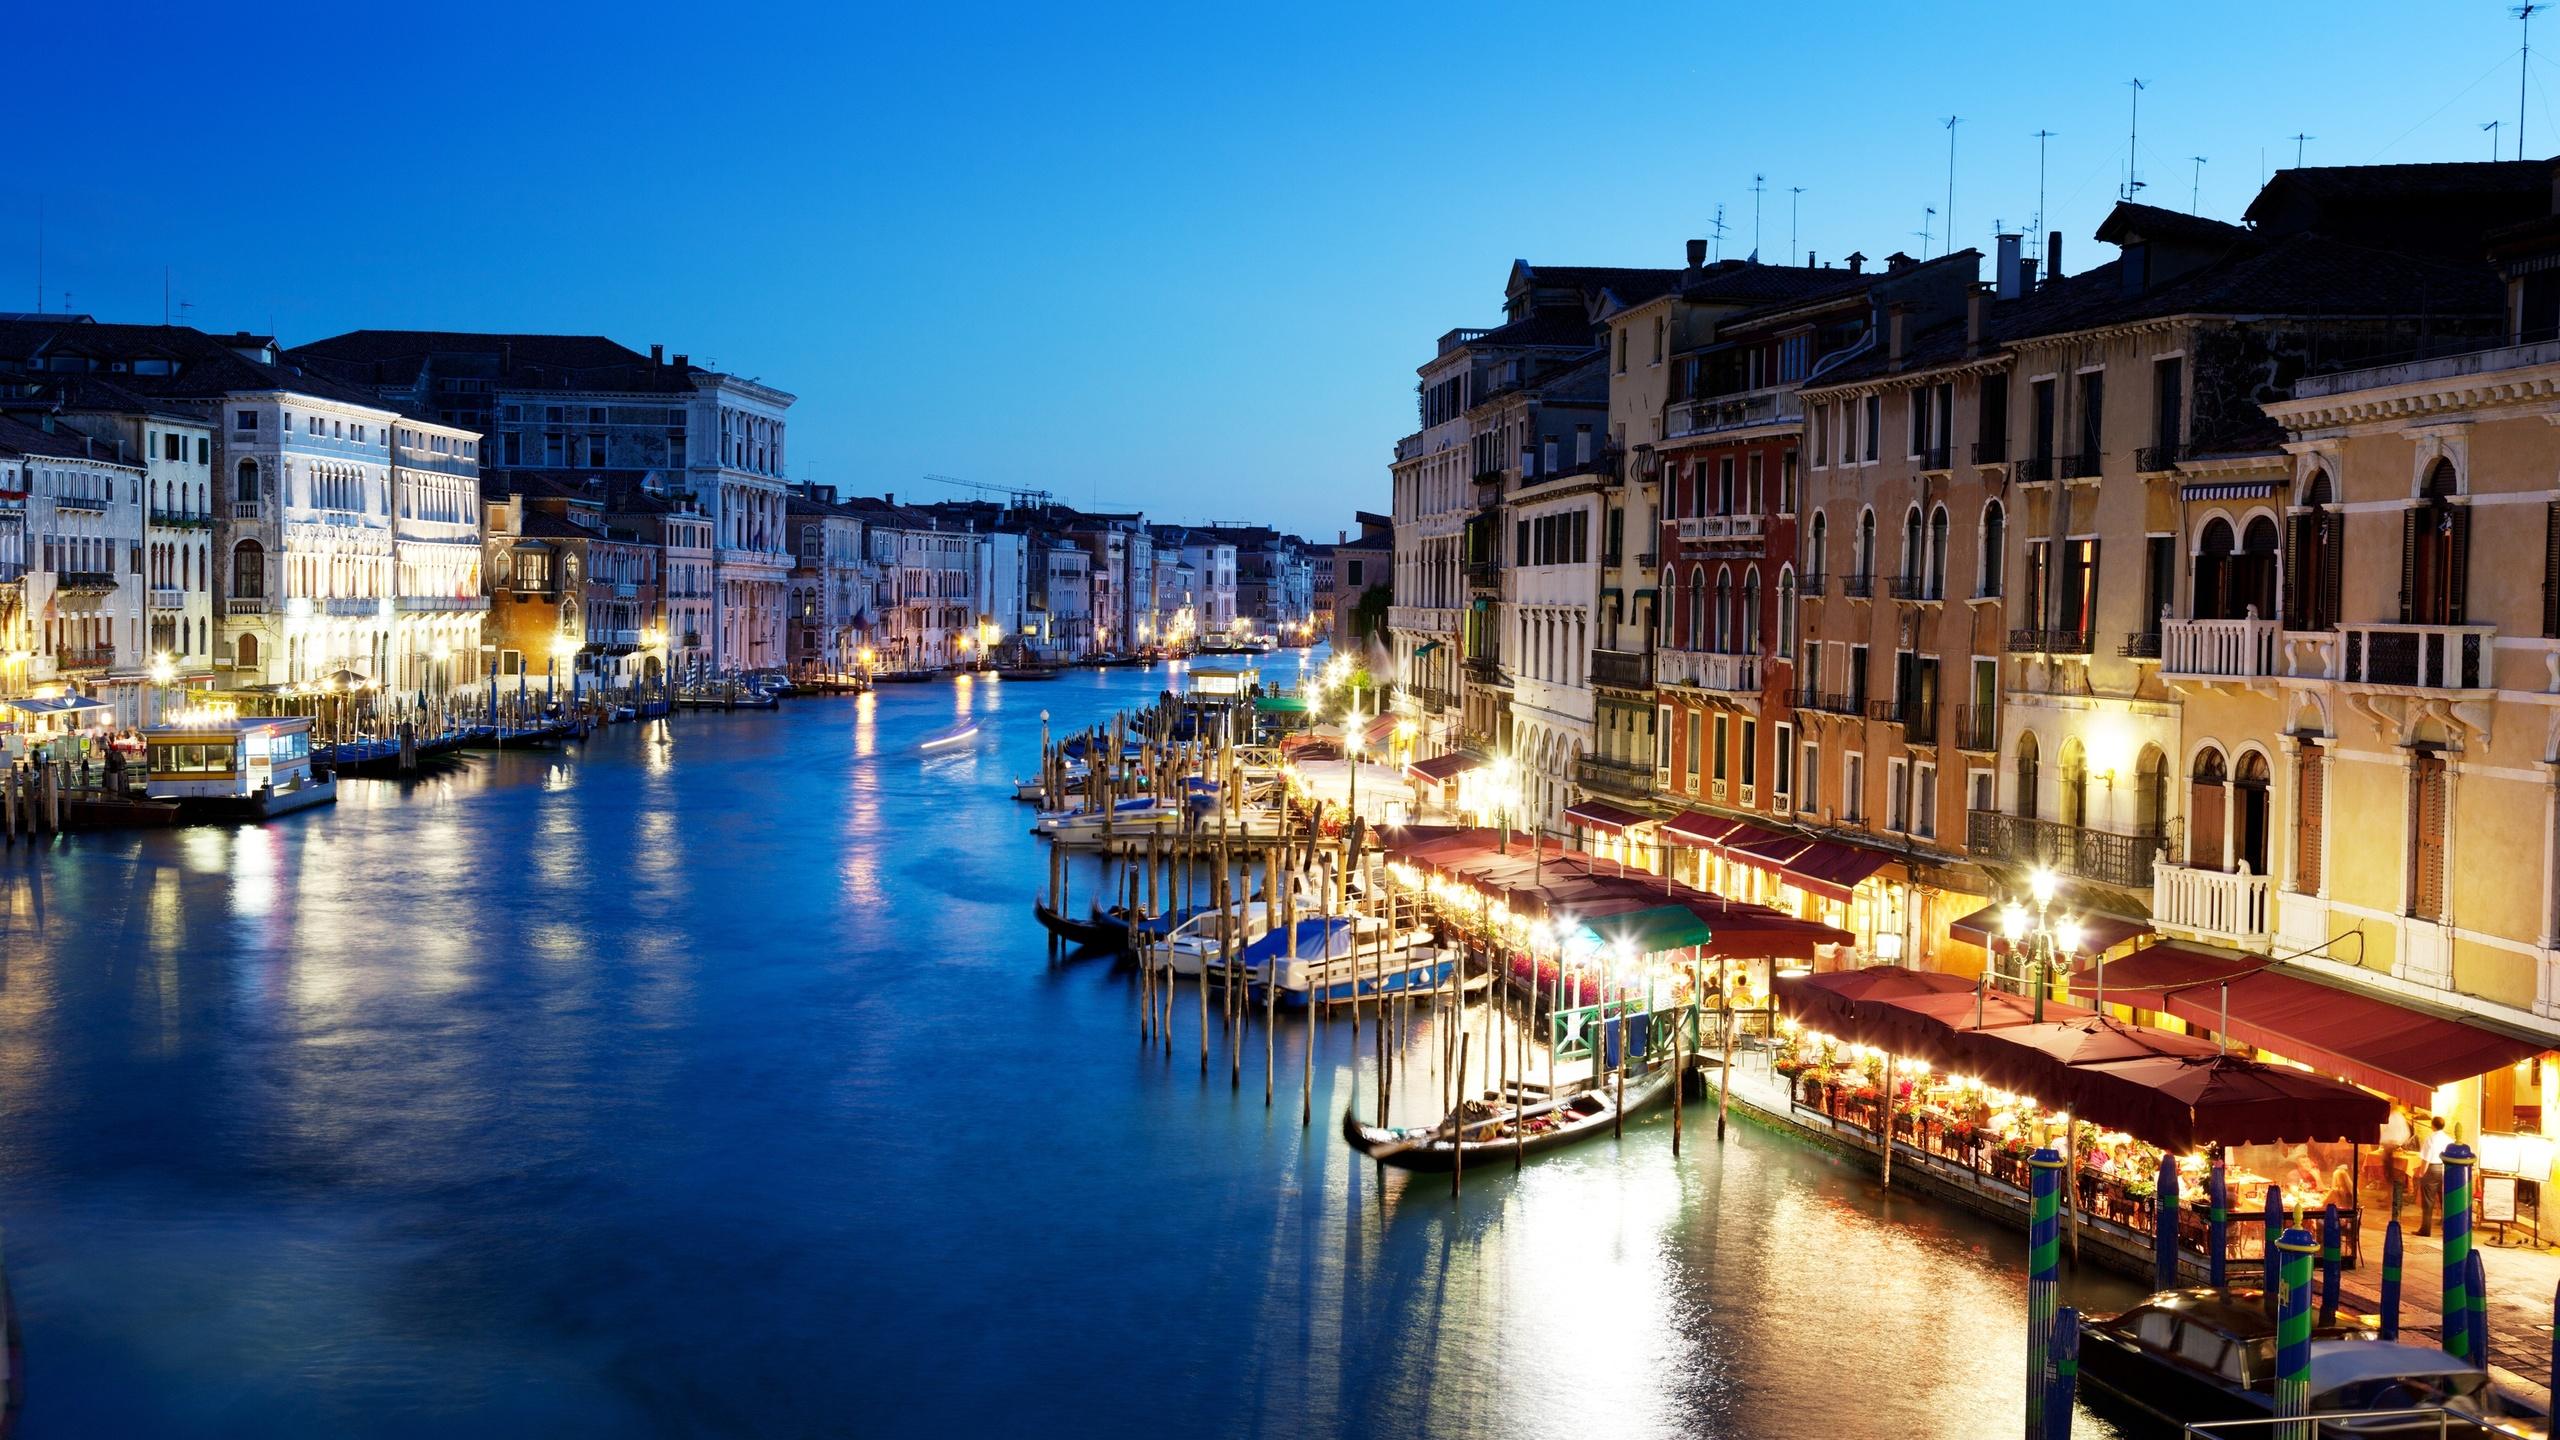 Пожелания день, картинки из италии